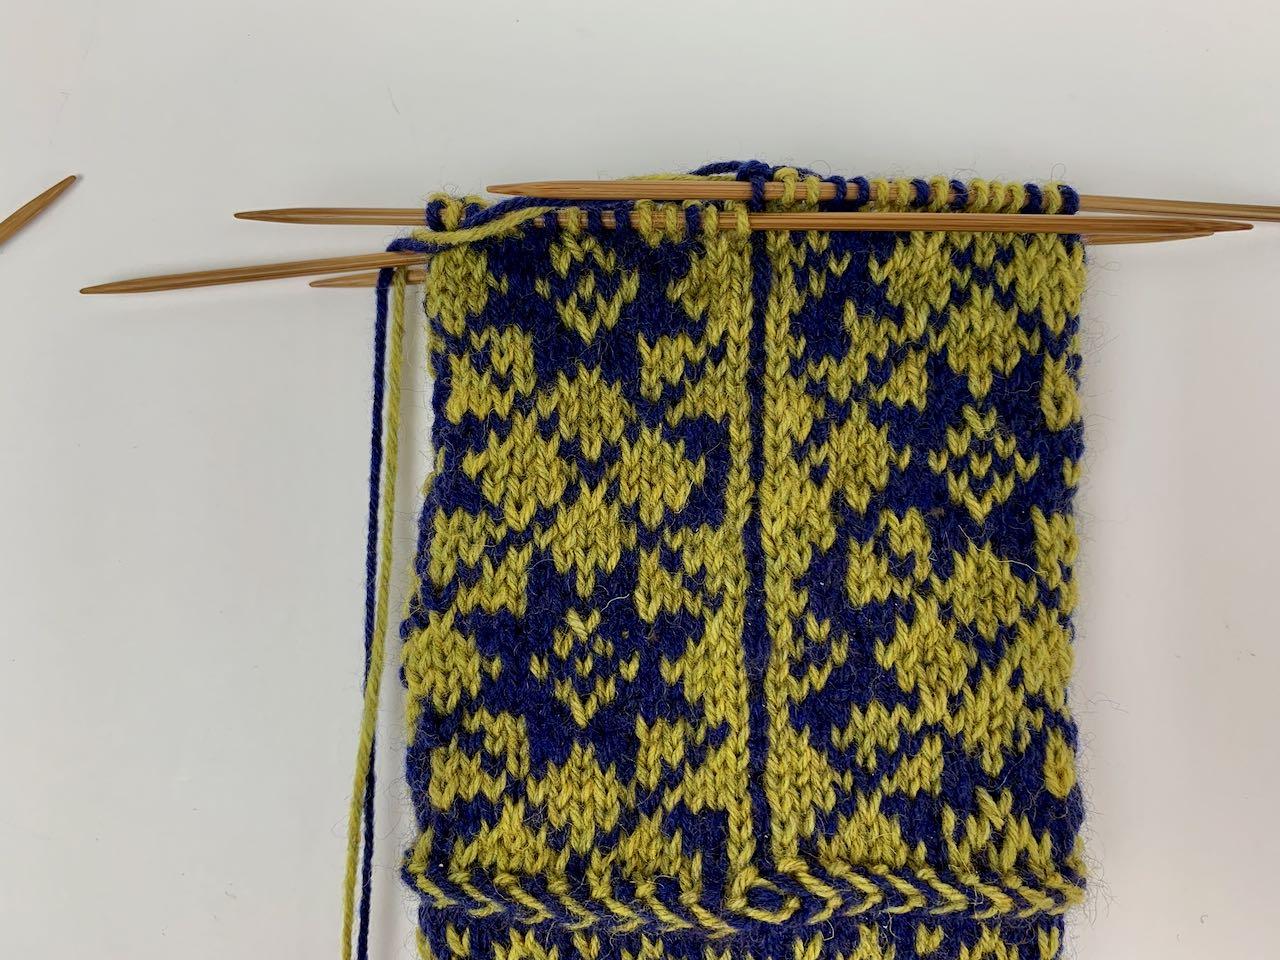 Auf der Beininnenseite wird das Muster mittels einer Linie aus drei Maschen (hier: gelb blau gelb) unterbrochen.